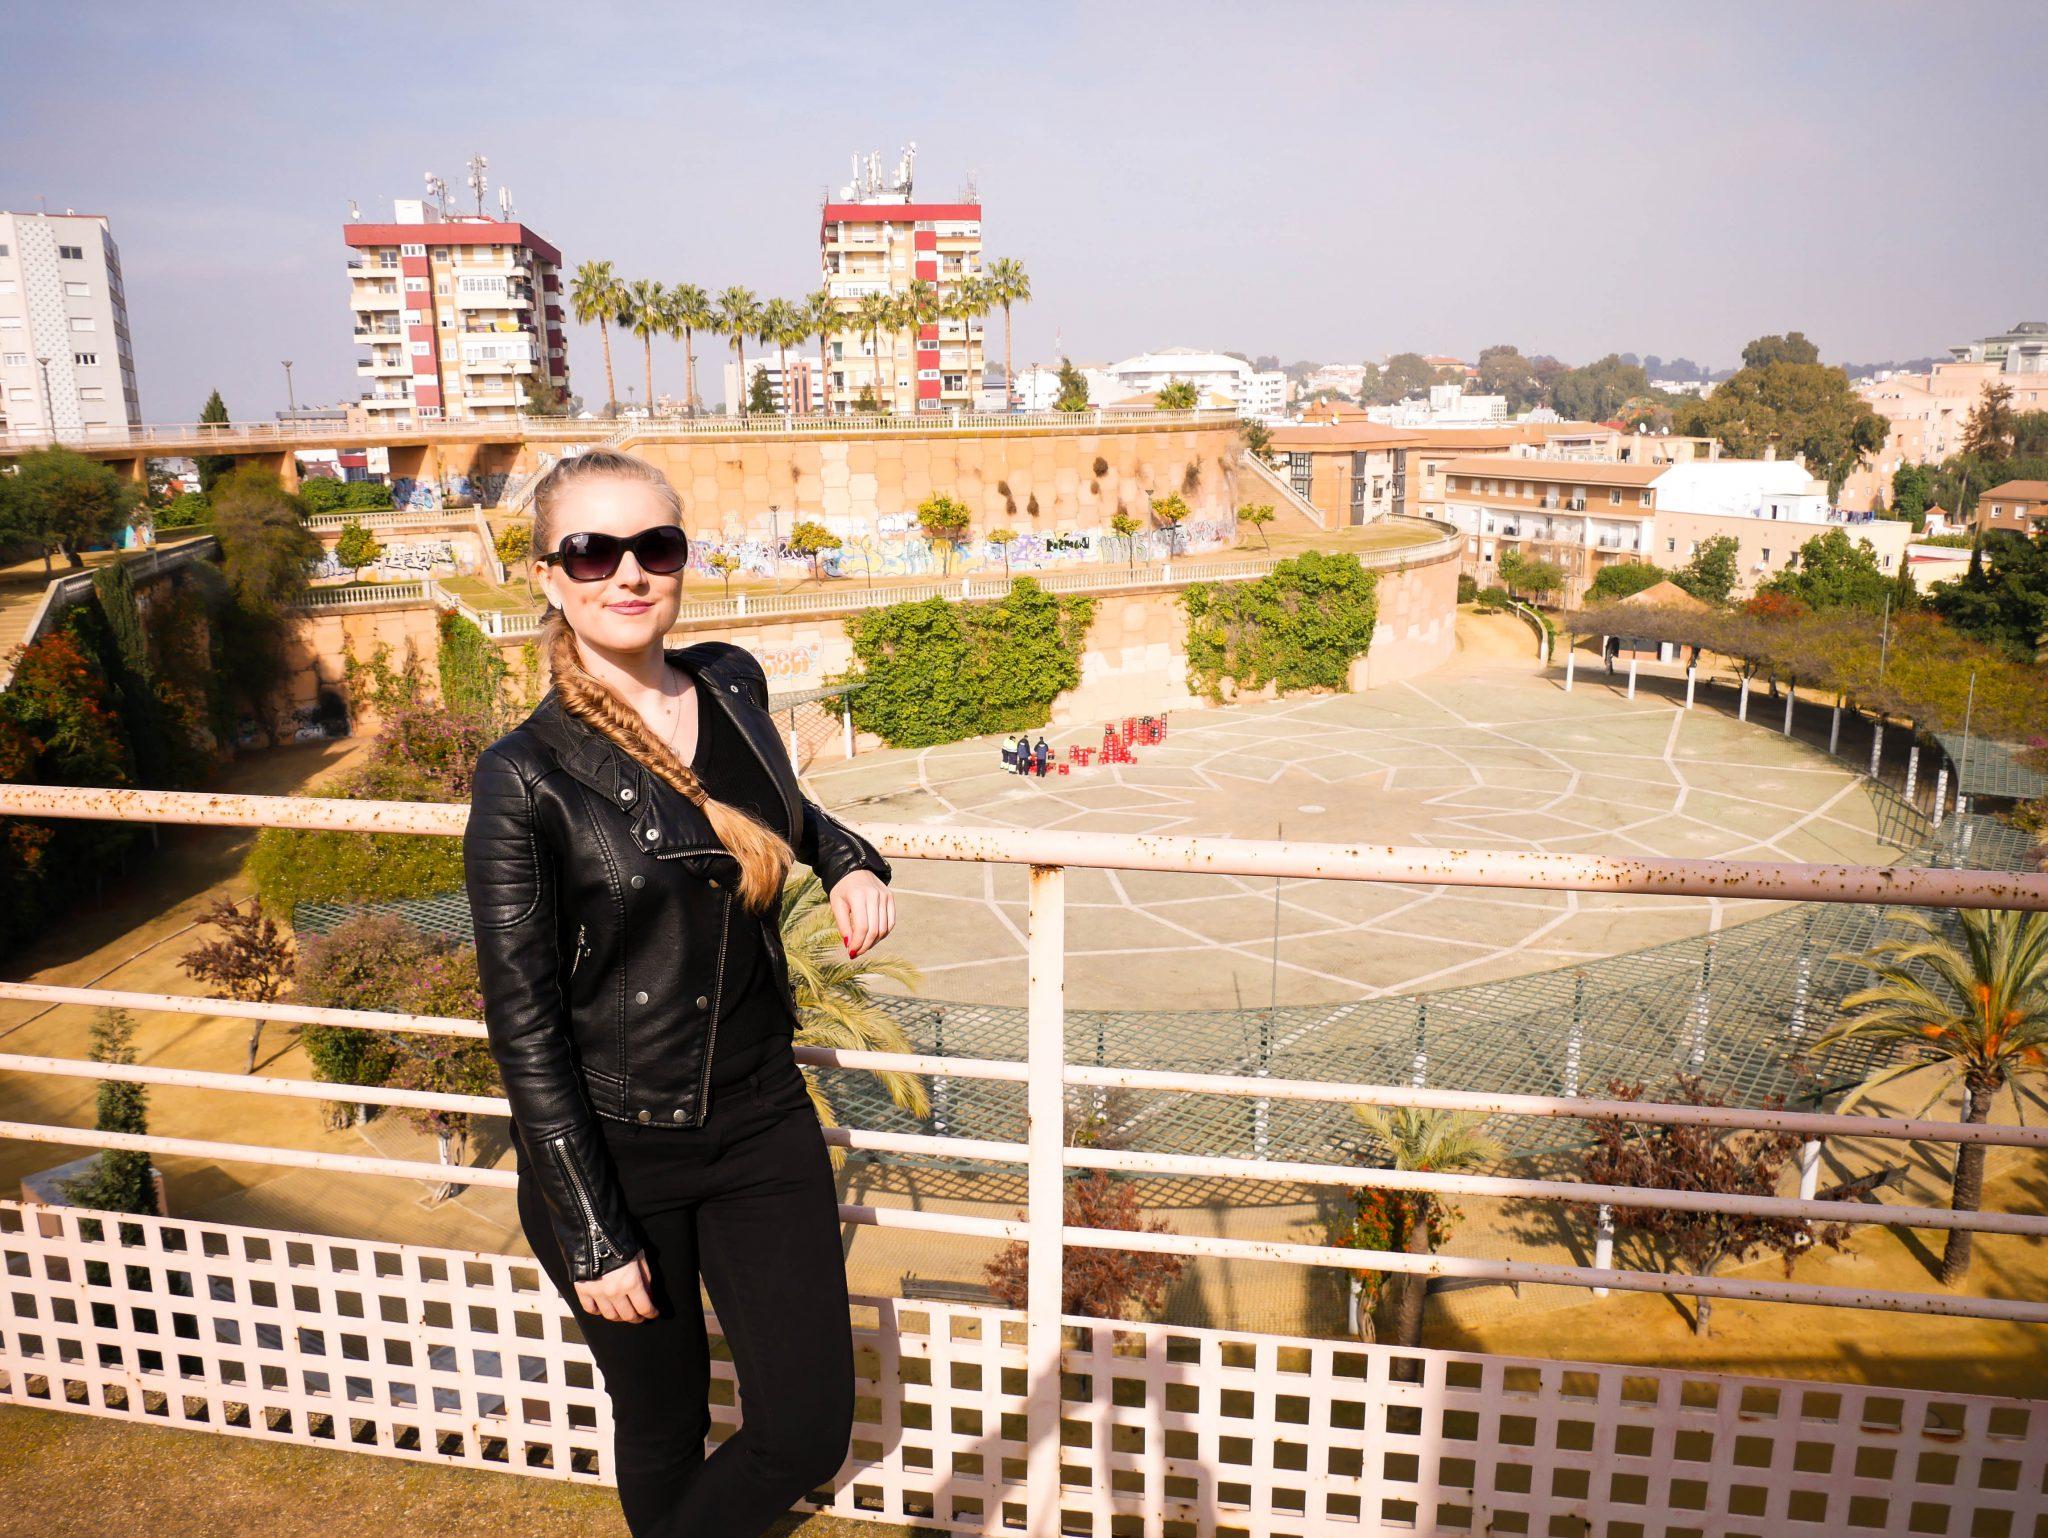 Huelva, Alonso sanchez Park: Auf diesem Bild kannst du den ganzen Park sehen.